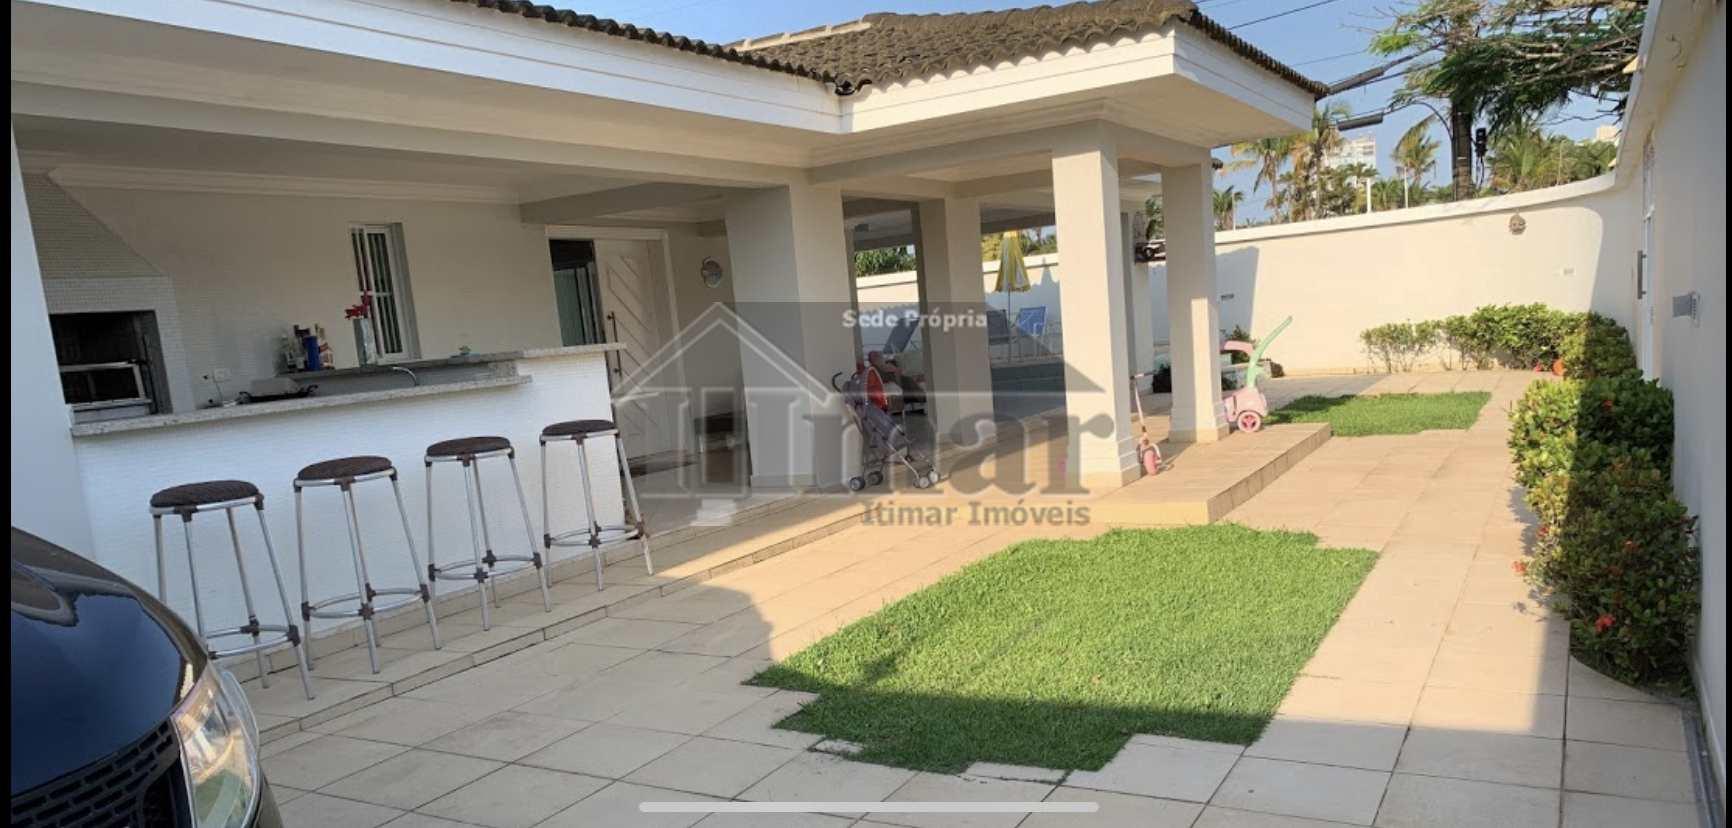 Casa Térrea com 6 suítes, piscina, chur, no melhor do Guarujá